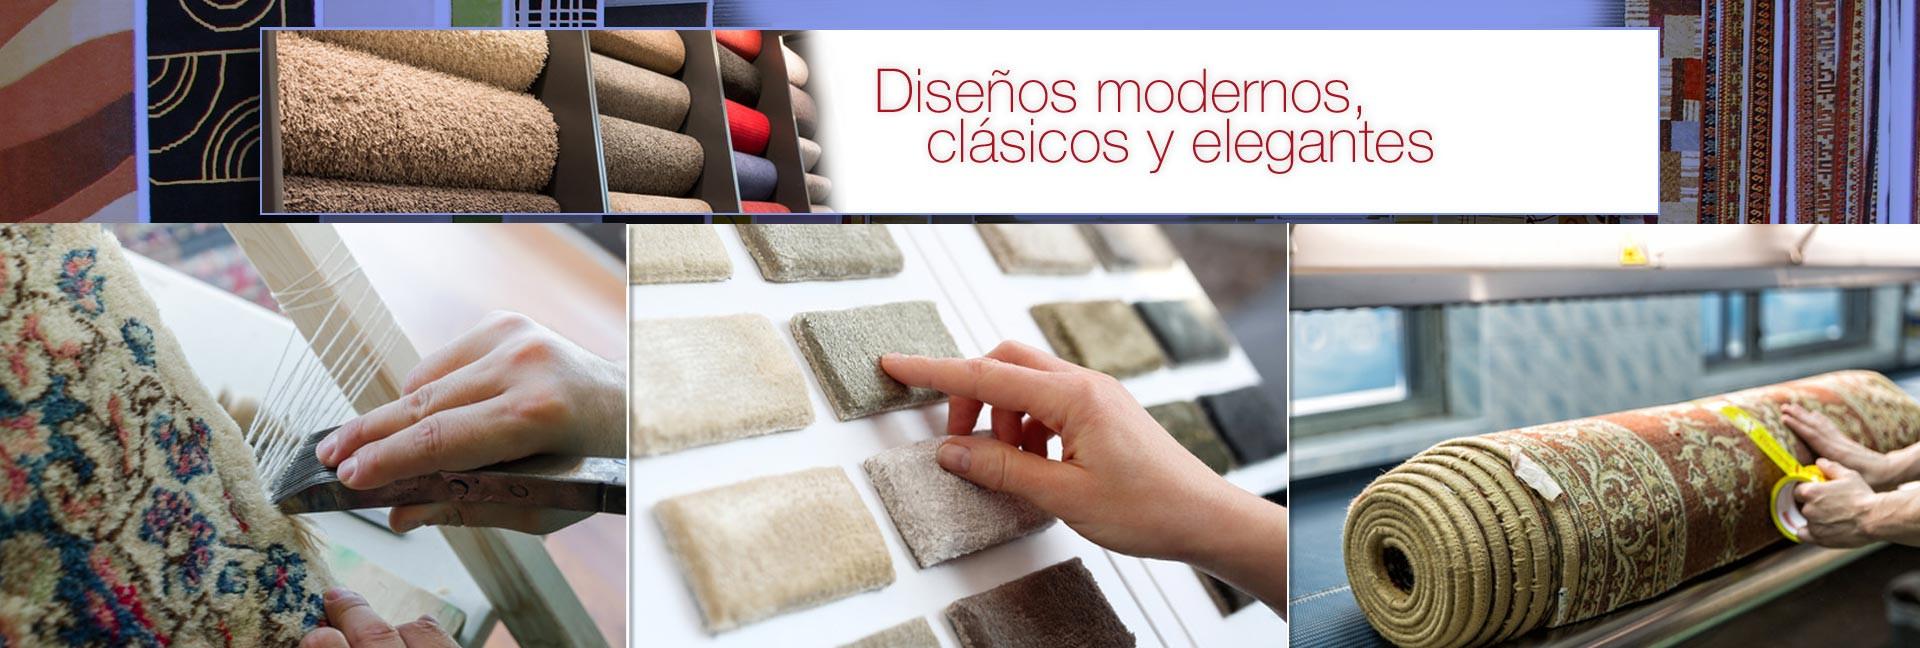 Alfombras Sierra - Diseños modernos, clásicos y elegantes